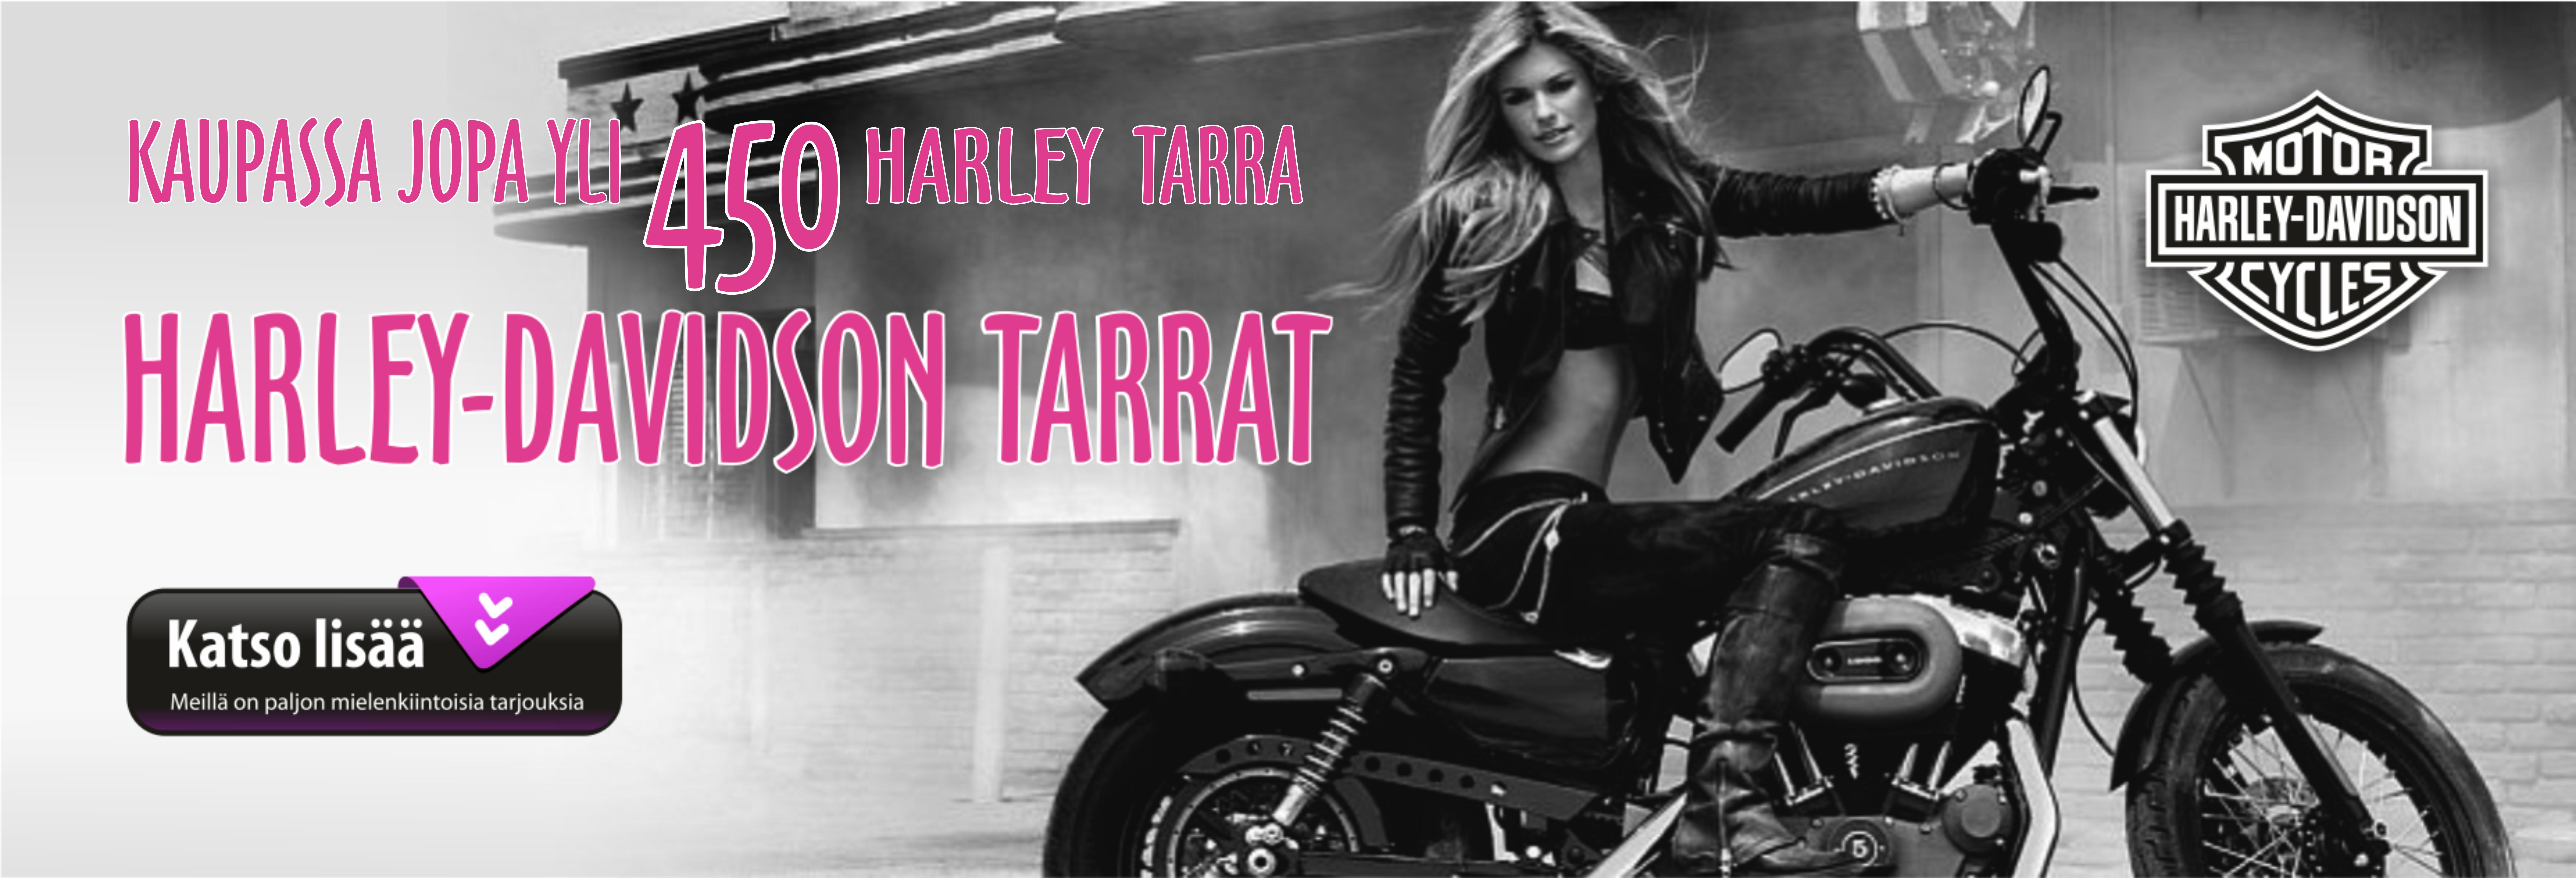 HARLEY DAVIDSON TARRAT